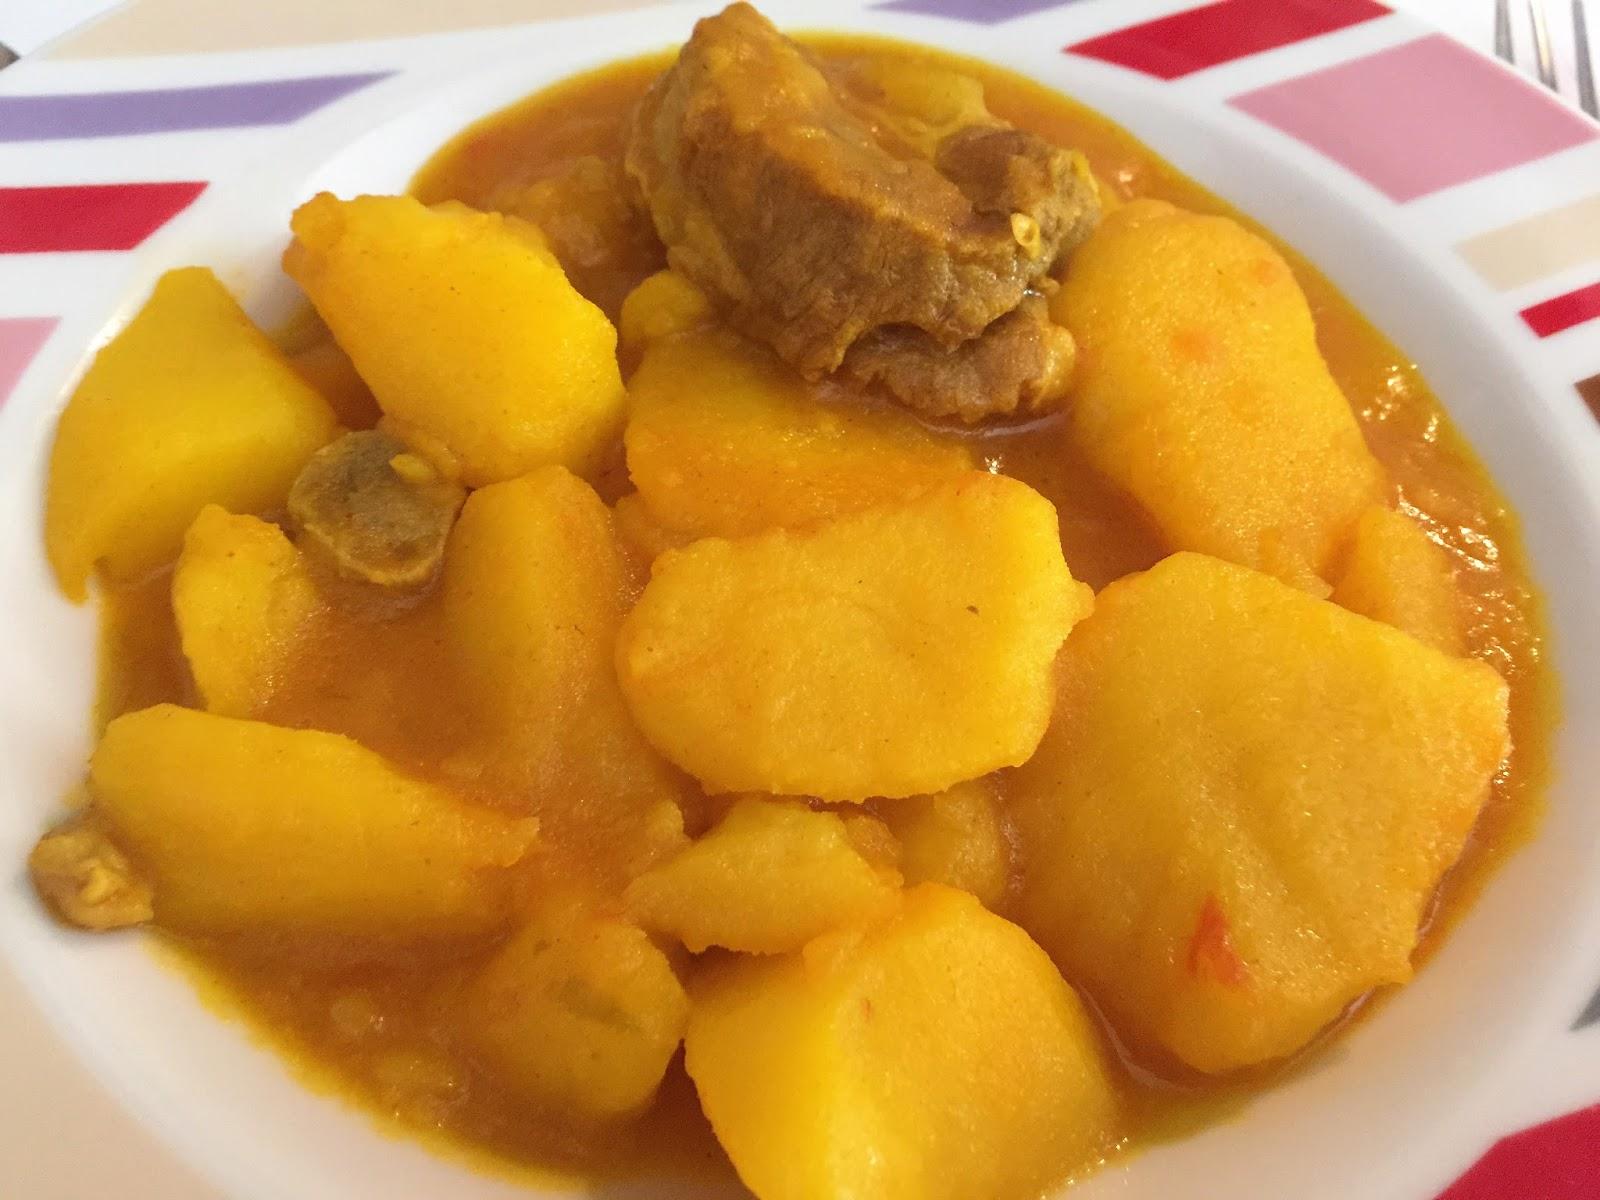 La cocina de merche borjas guiso de patatas y costilla - Lentejas con costillas y patatas ...